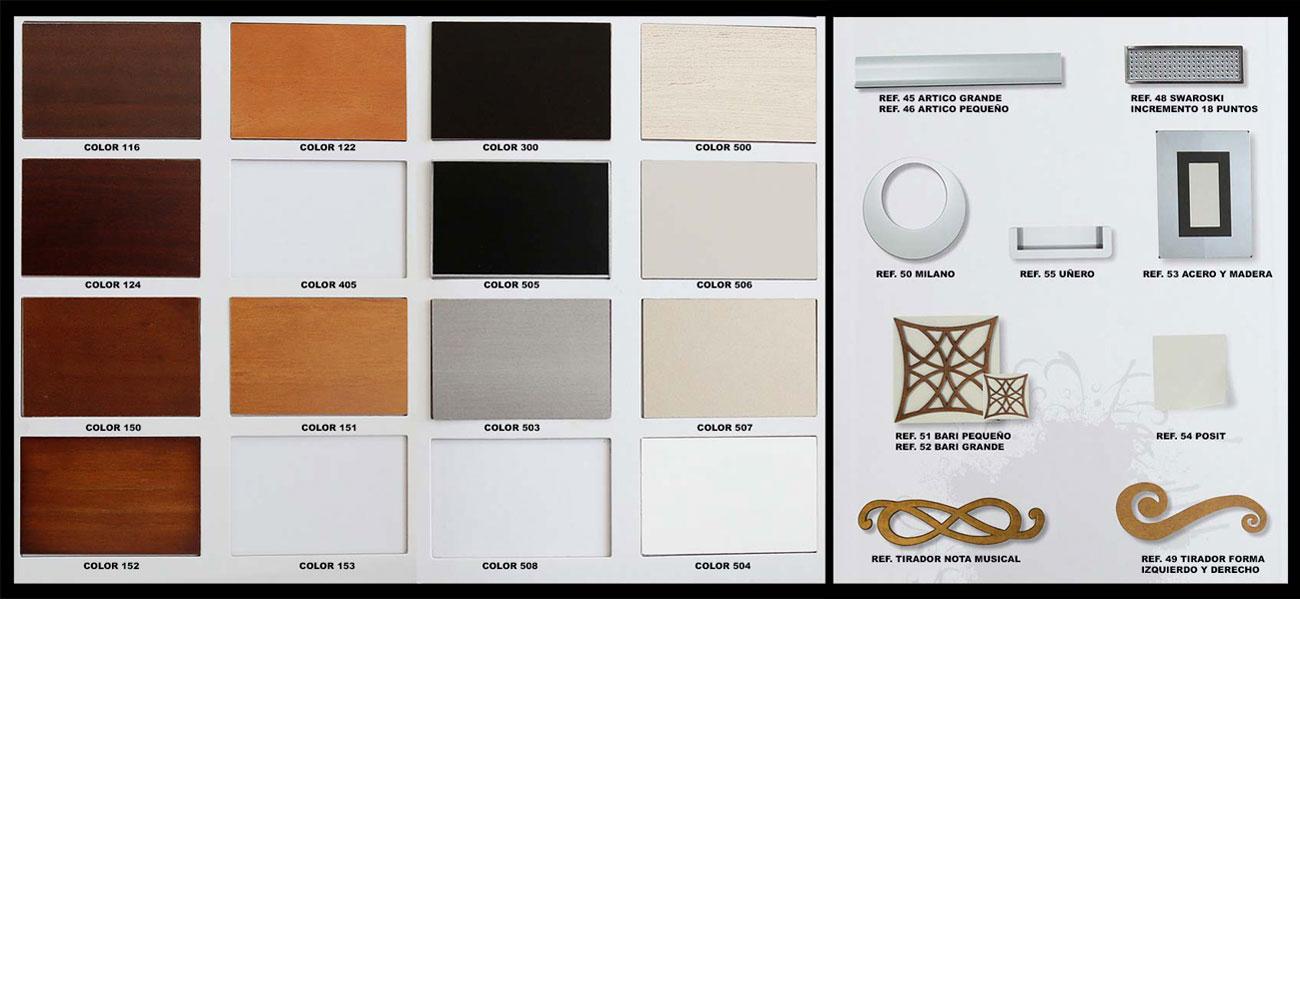 Colores tiradores17